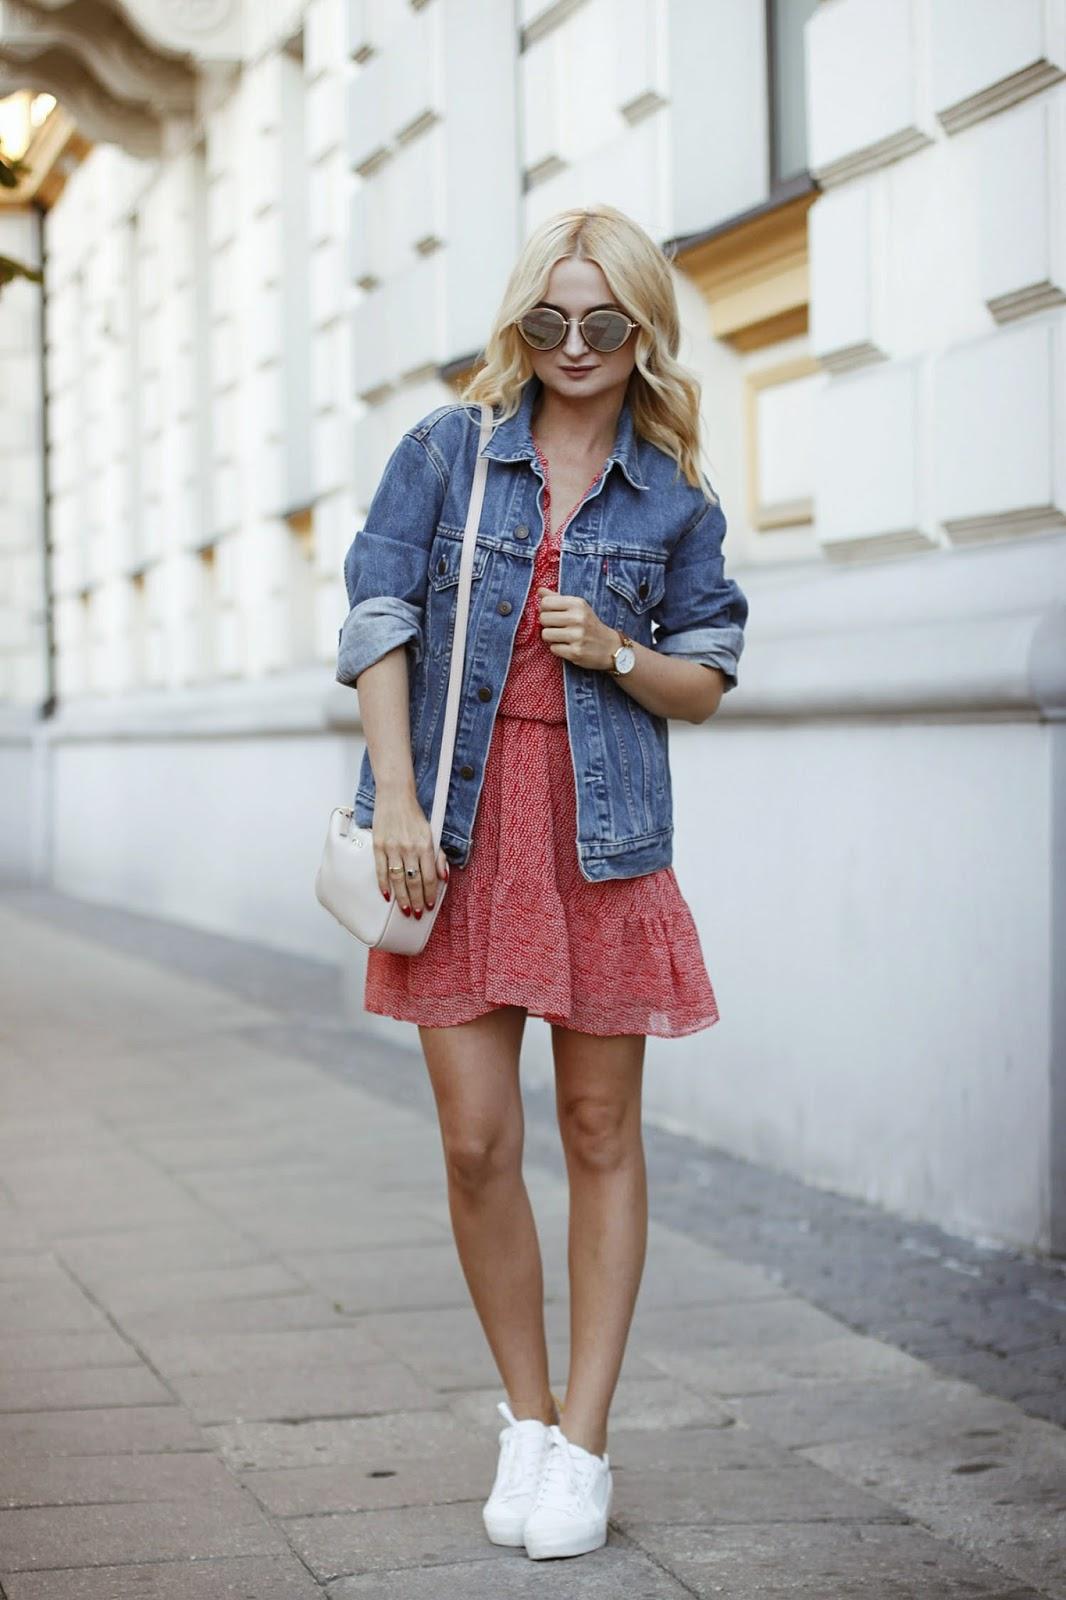 Duet Idealny - Jeans i Romantyzm